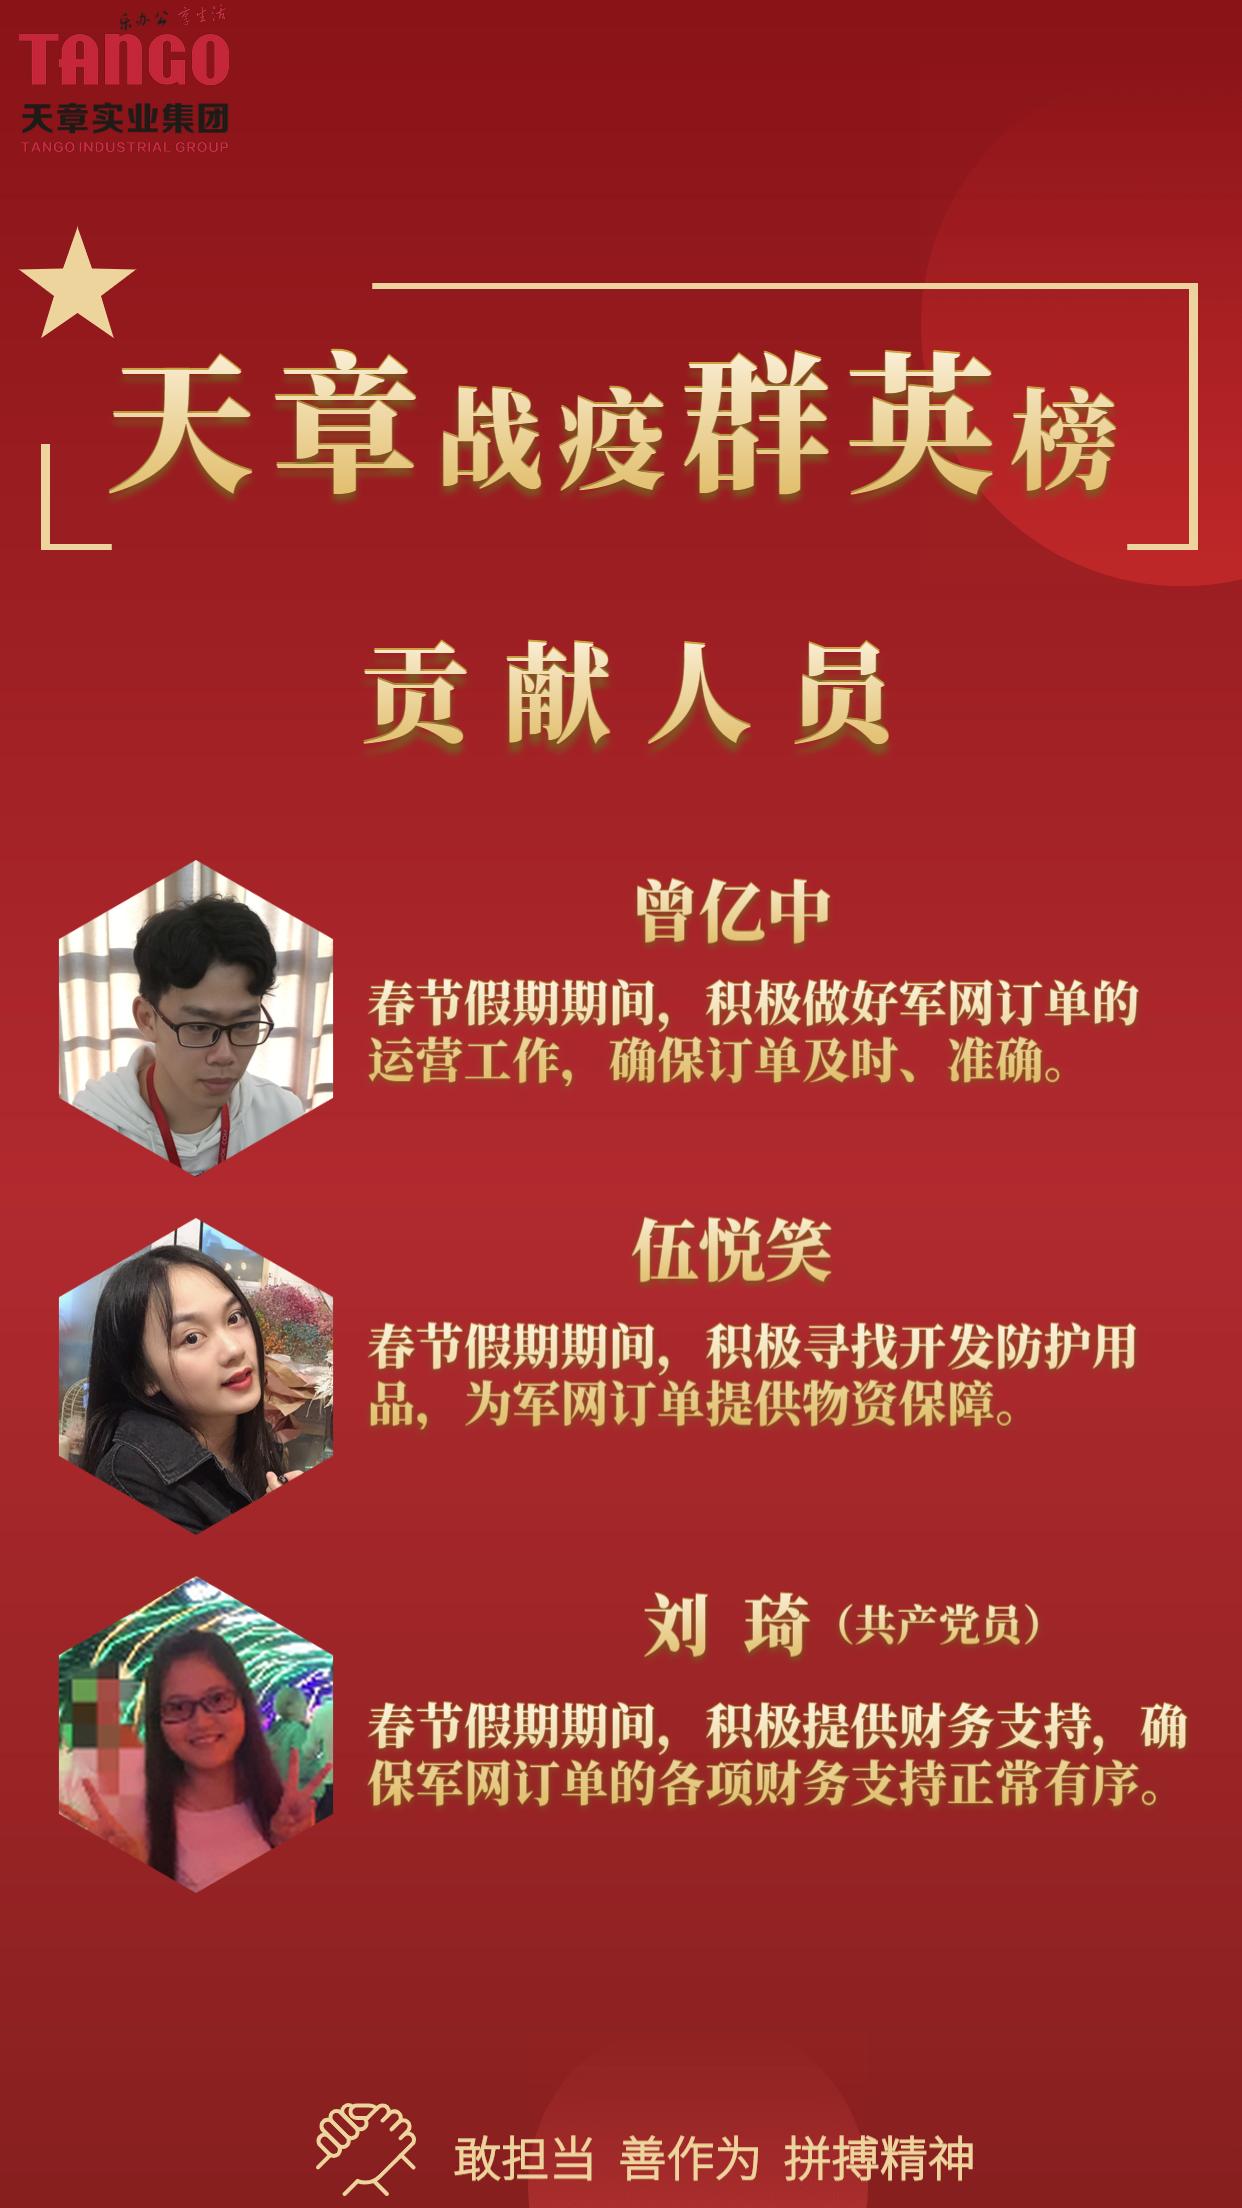 曾亿中伍刘琦海报